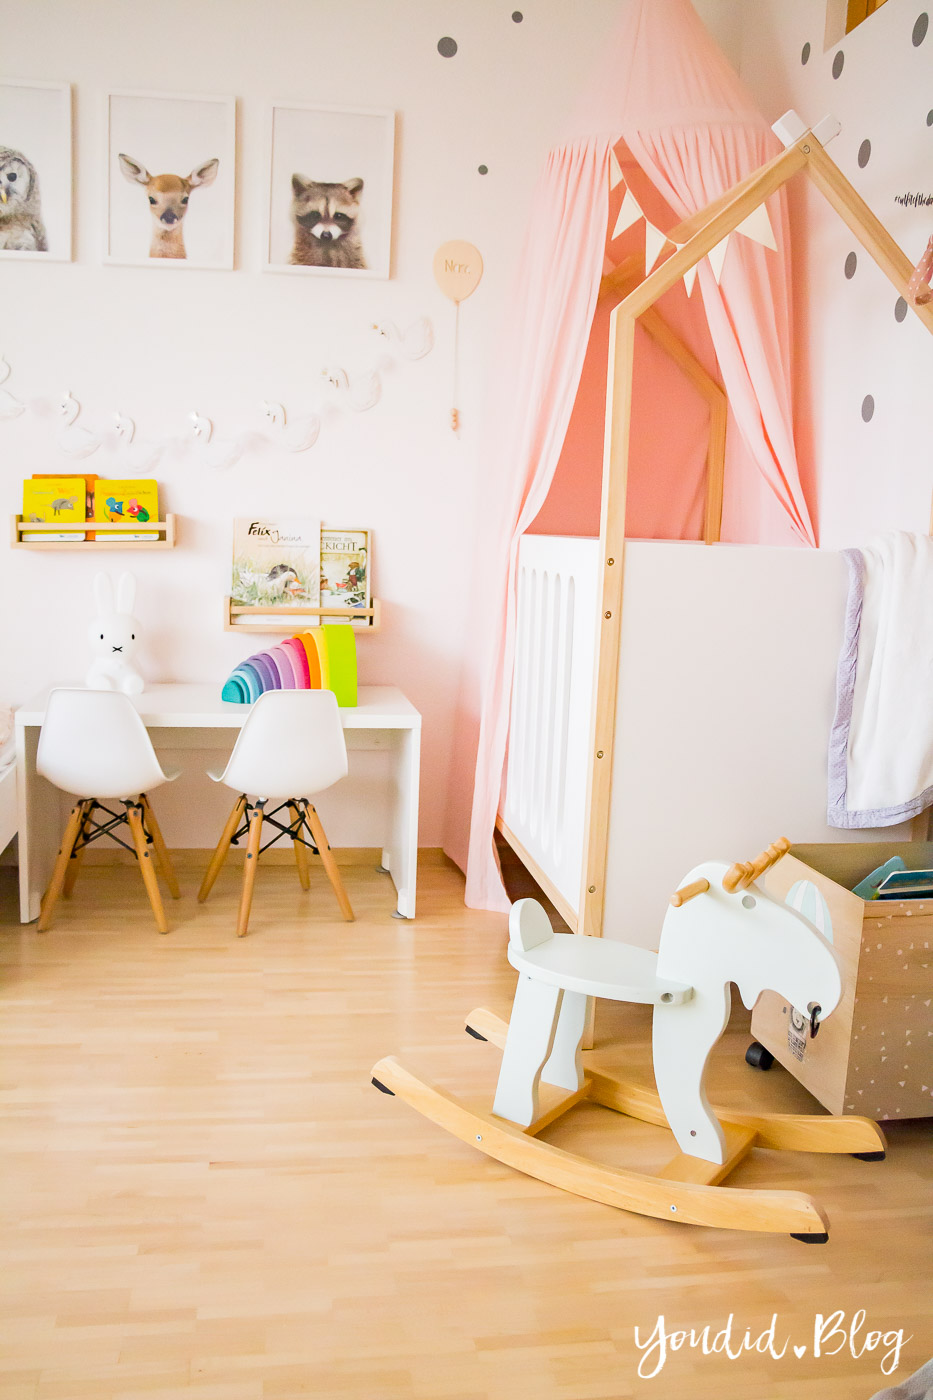 Relativ Ein Hausbett selber bauen oder auch nicht – Unser Kinderzimmer VG77